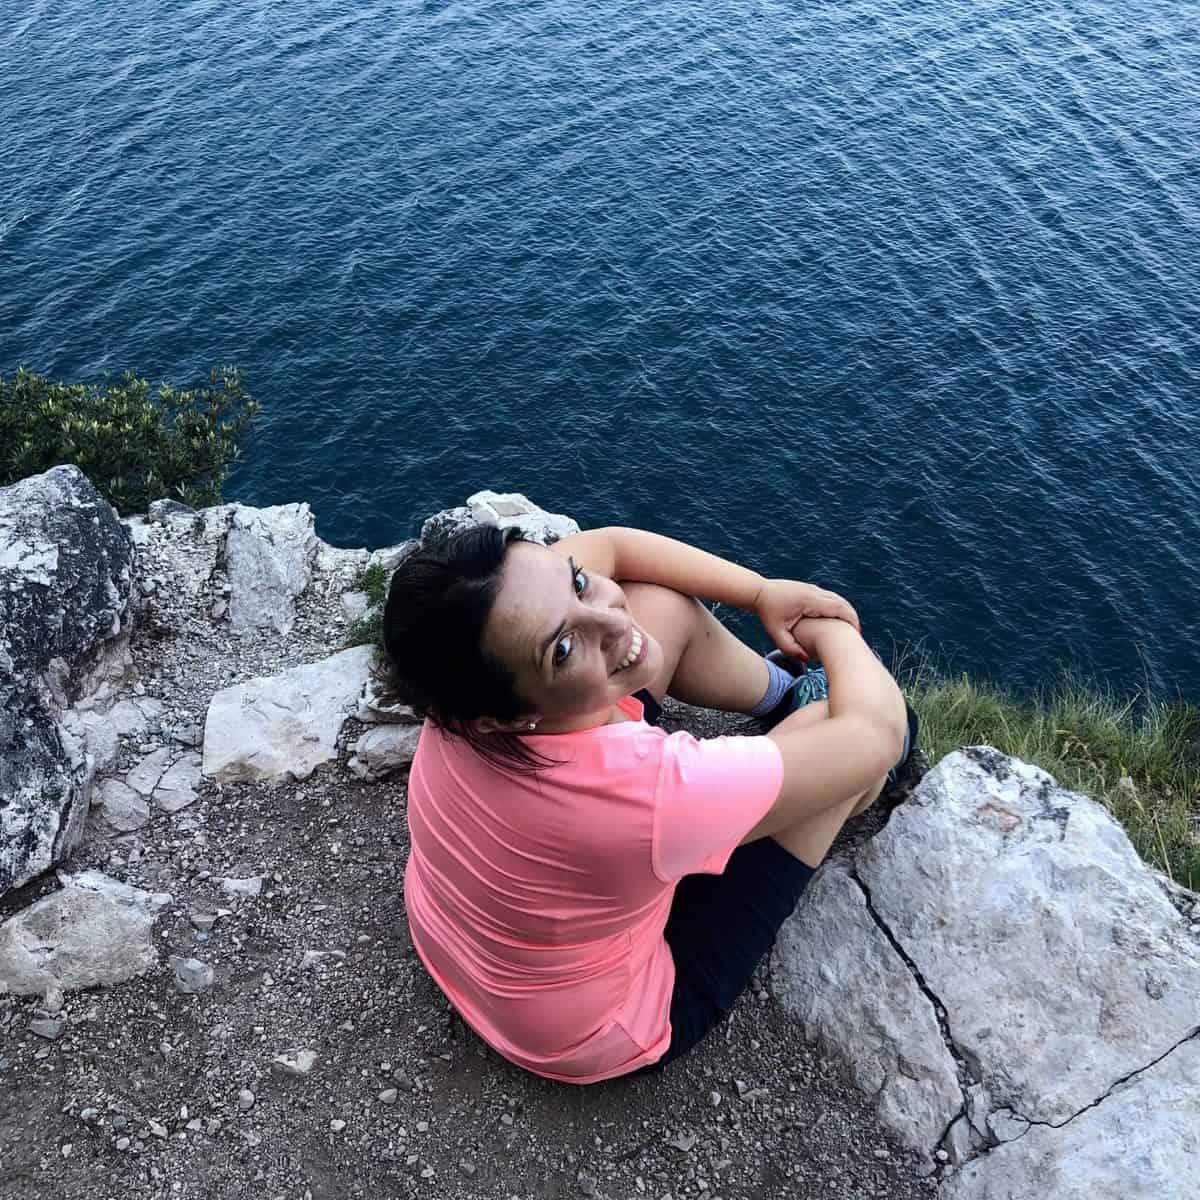 sogni di Chiara Carolei post lockdown, dopo il coronavirus